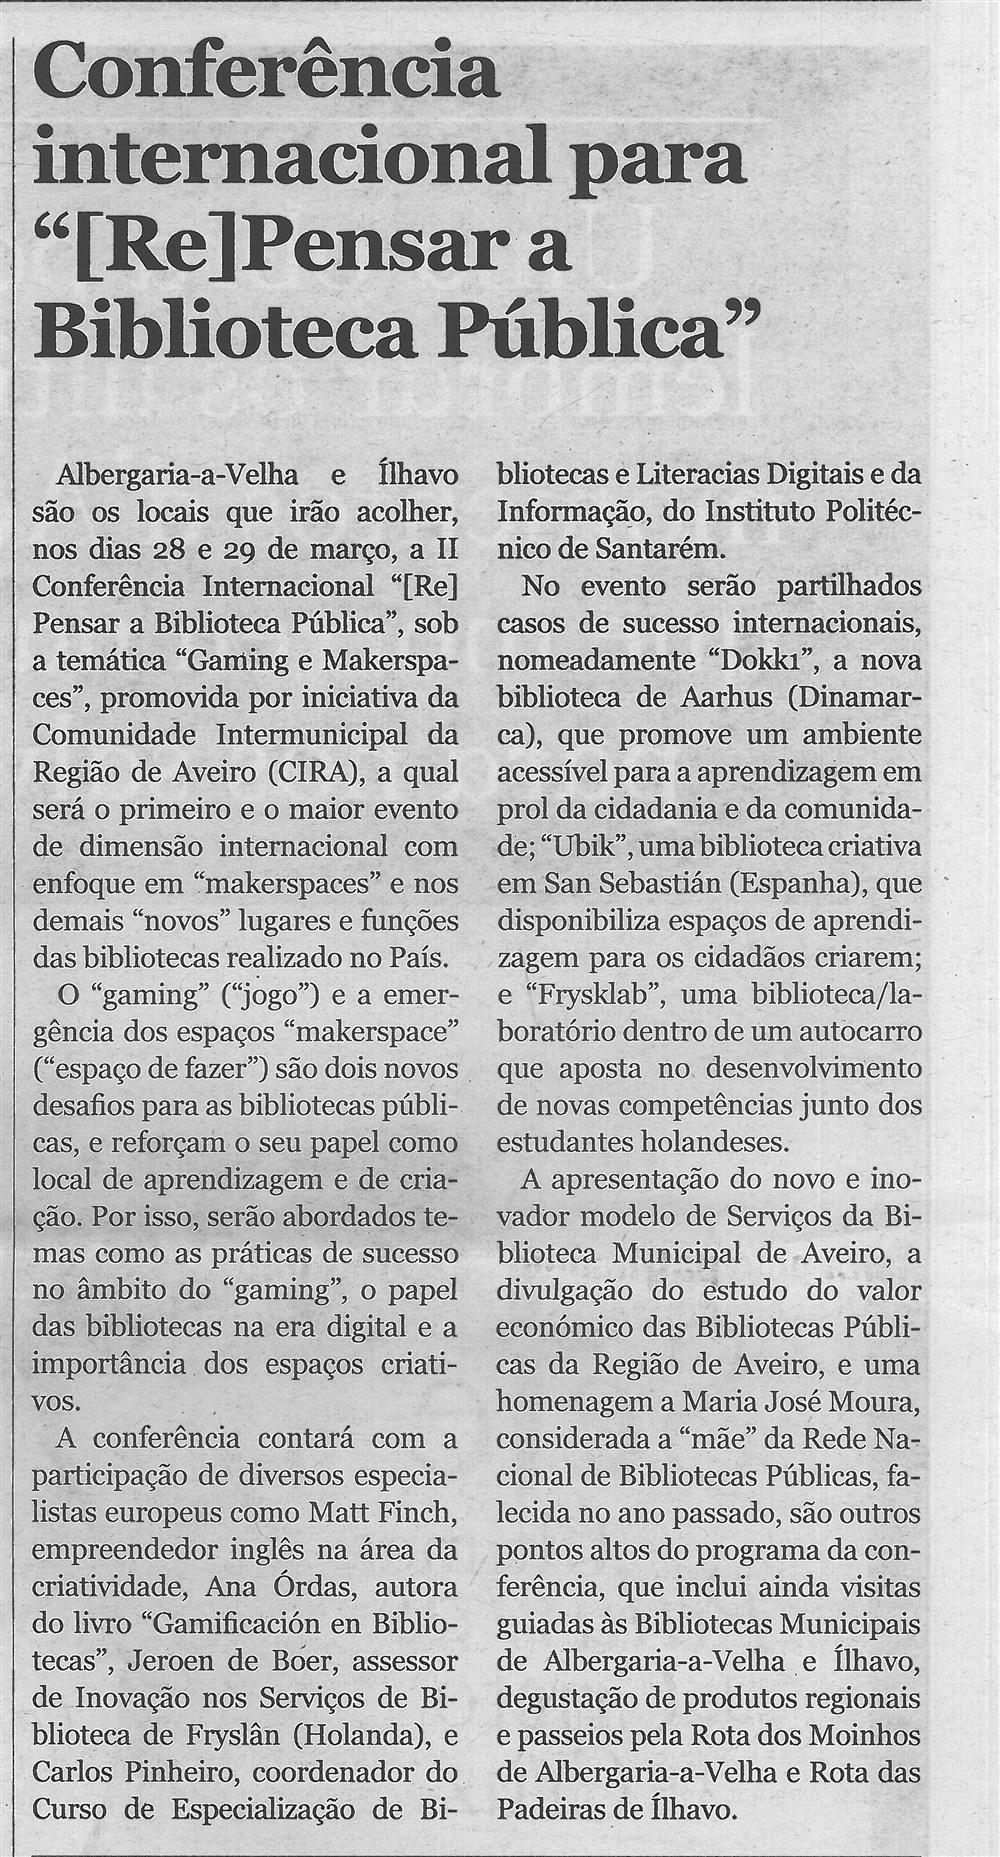 CV-27mar.'19-p.7-Conferência internacional para Repensar a Biblioteca Pública.jpg